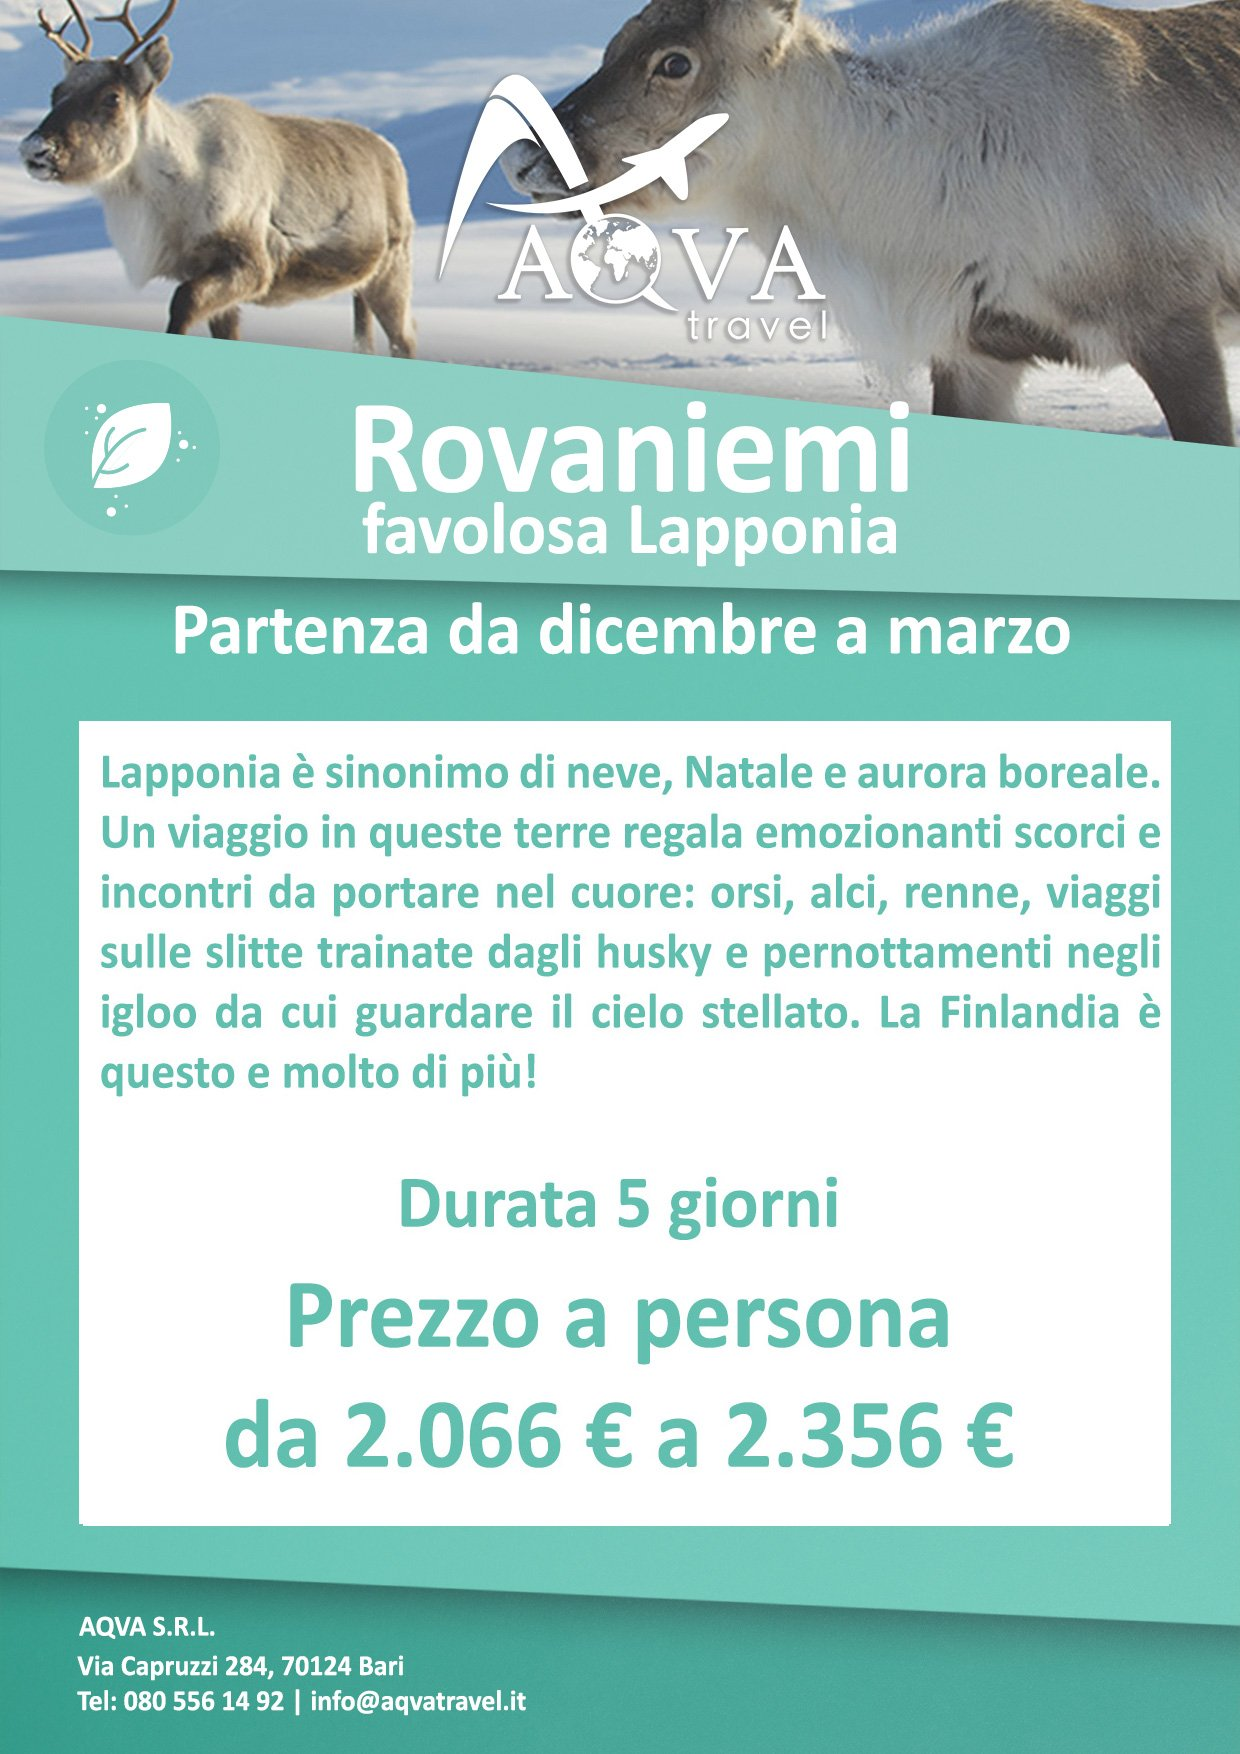 Rovaniemi-offerte-agenzia-di-viaggi-Bari-AQVATRAVEL-it